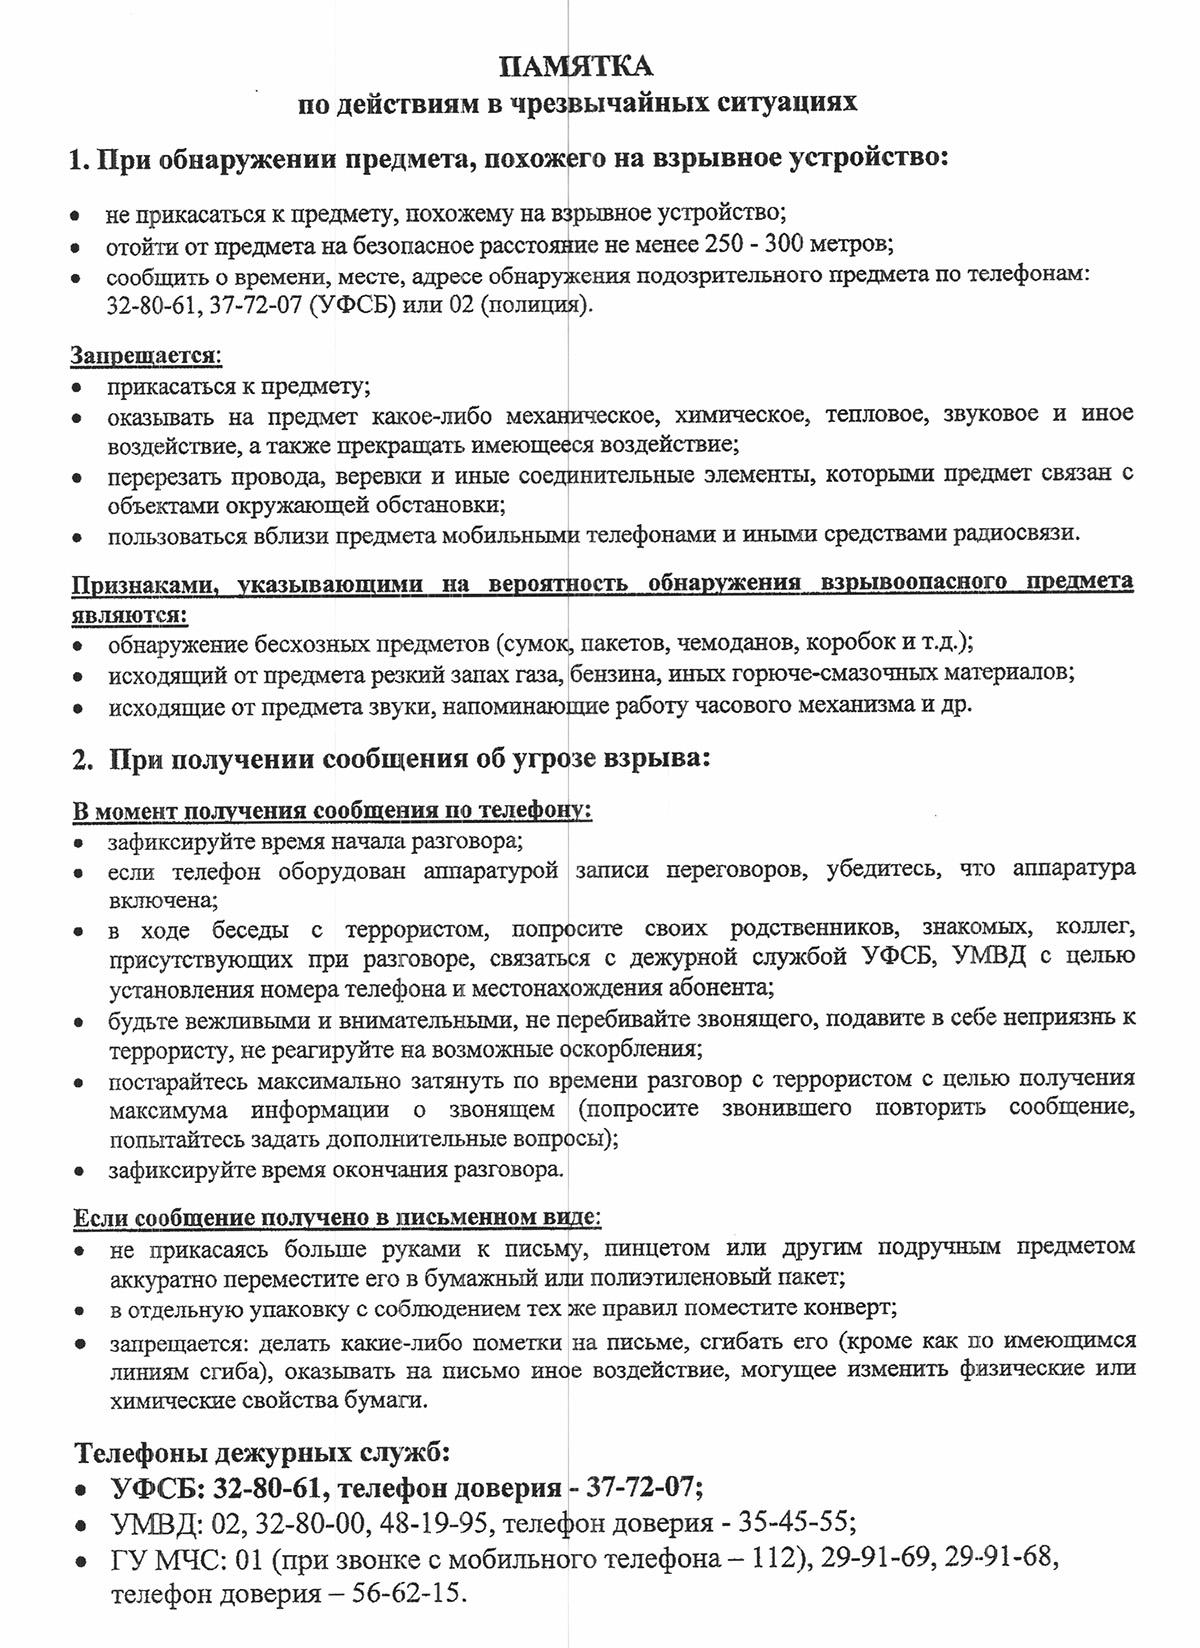 инструкции методиста кцсон